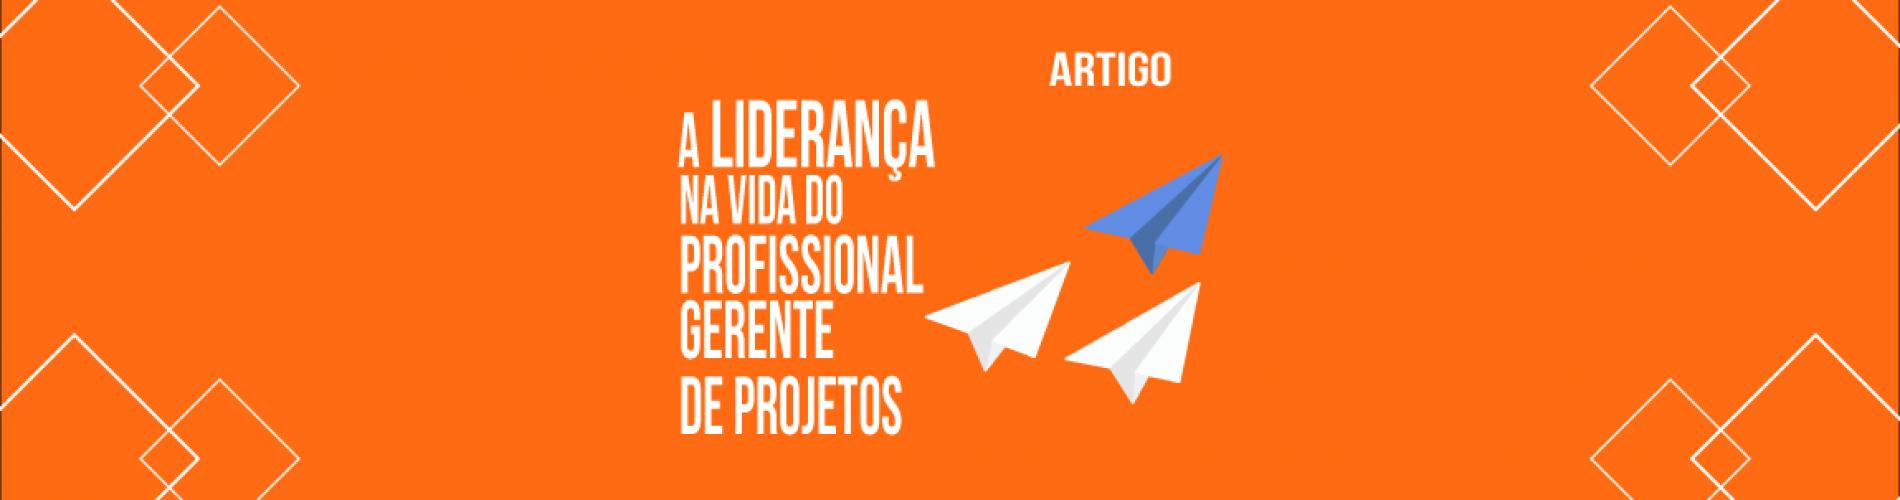 a-lideranca-na-vida-do-profissional-gerente-de-projetos